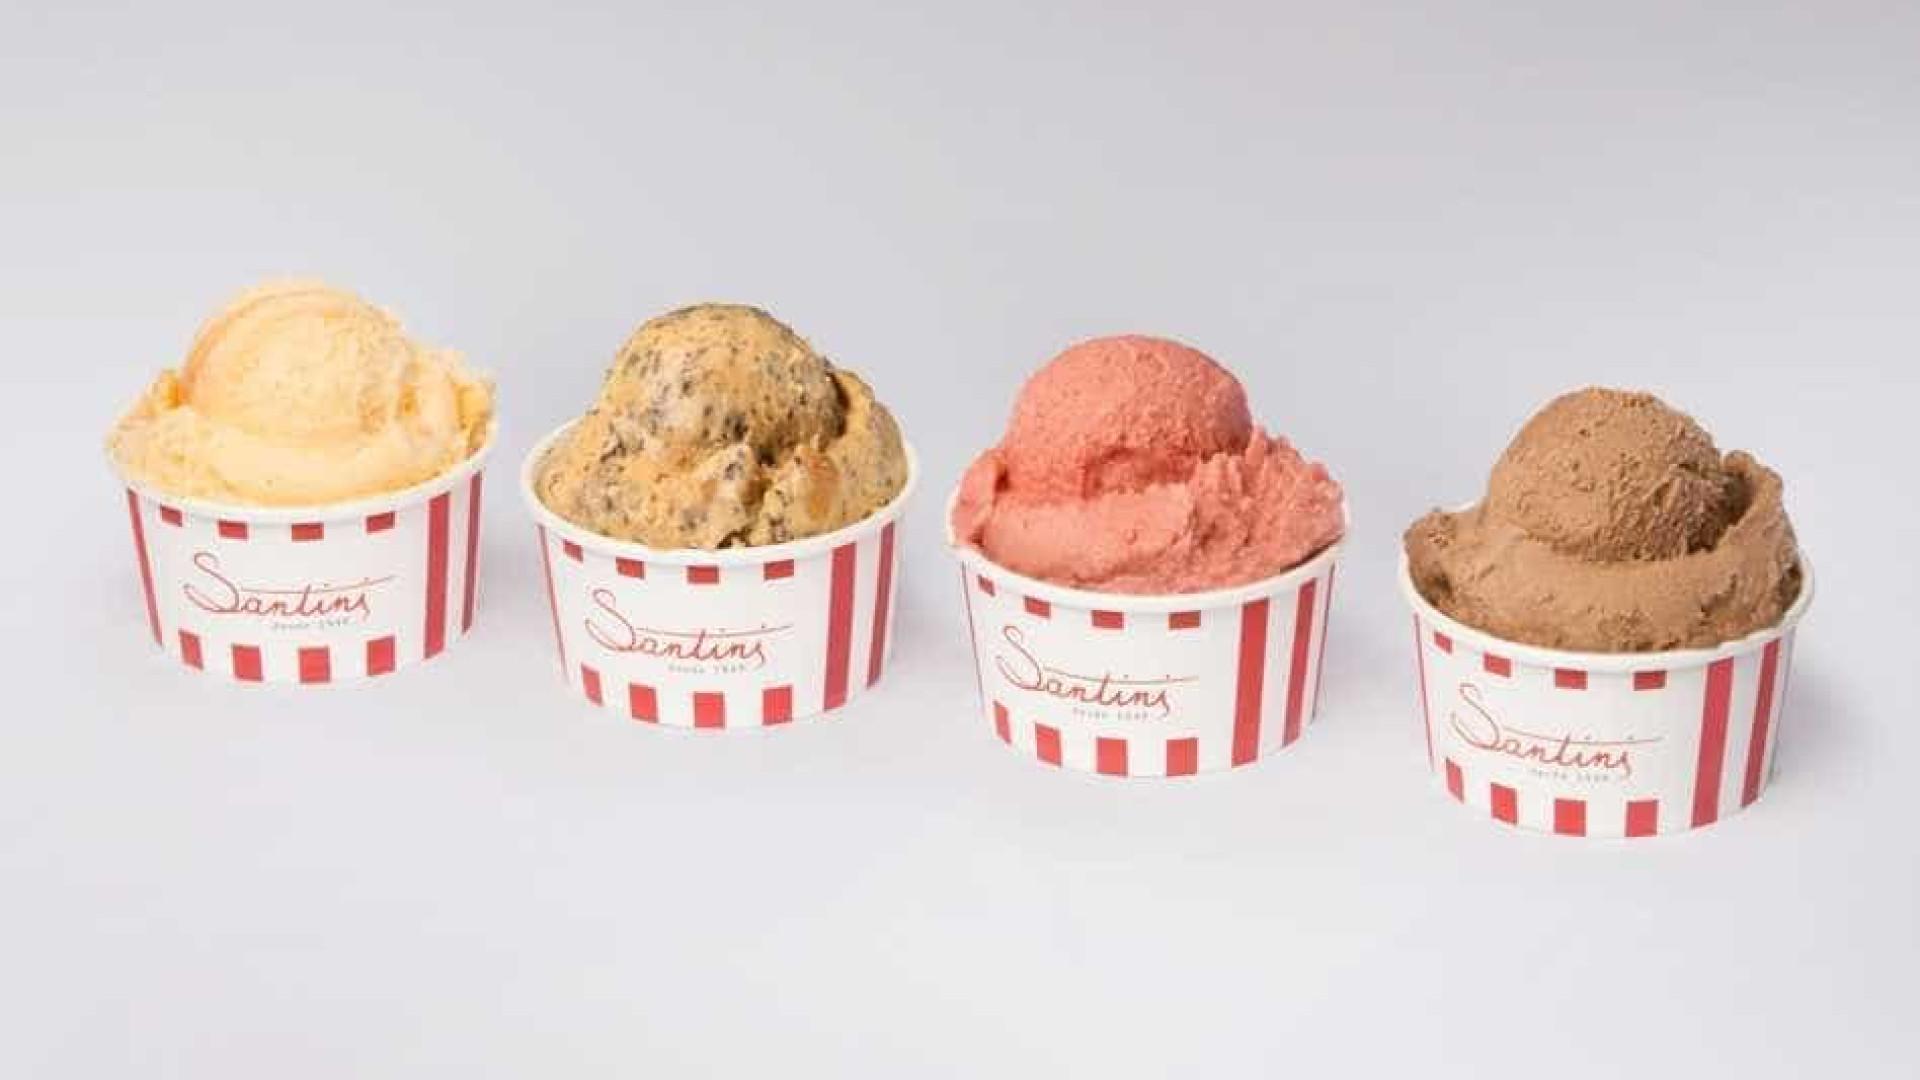 c180444a9 Este sábado a Santini oferece um gelado igual ao que comprar